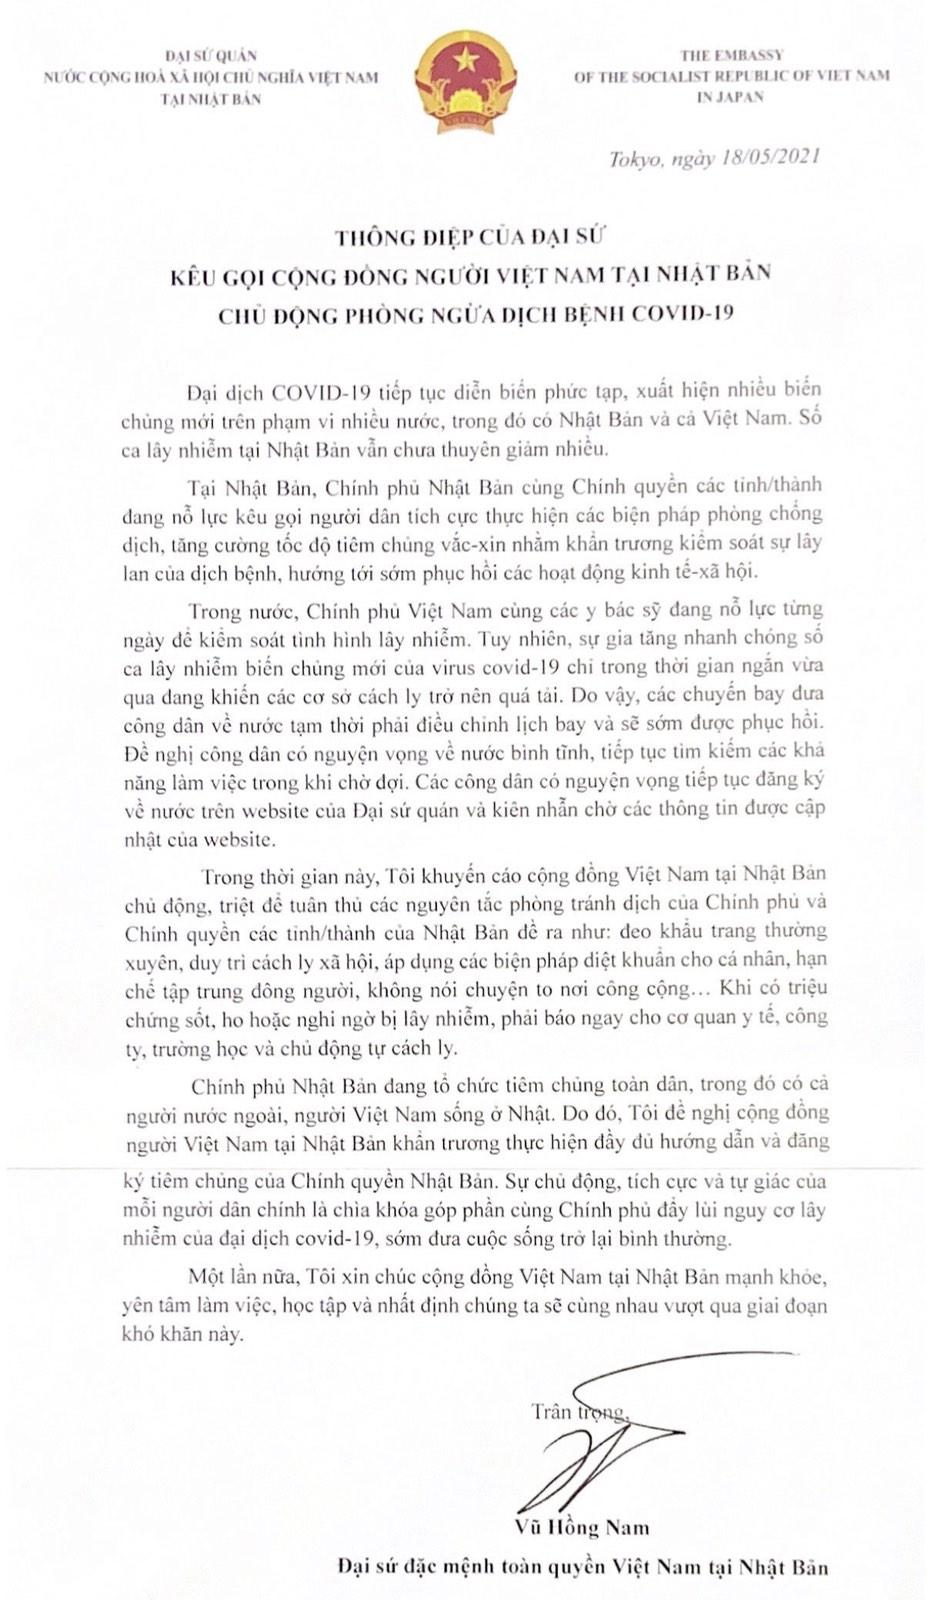 THÔNG ĐIỆP CỦA ĐẠI SỨ KÊU GỌI CỘNG ĐỒNG NGƯỜI VIỆT NAM TẠI NHẬT BẢN CHỦ ĐỘNG PHÒNG NGỪA DỊCH BỆNH COVID-19